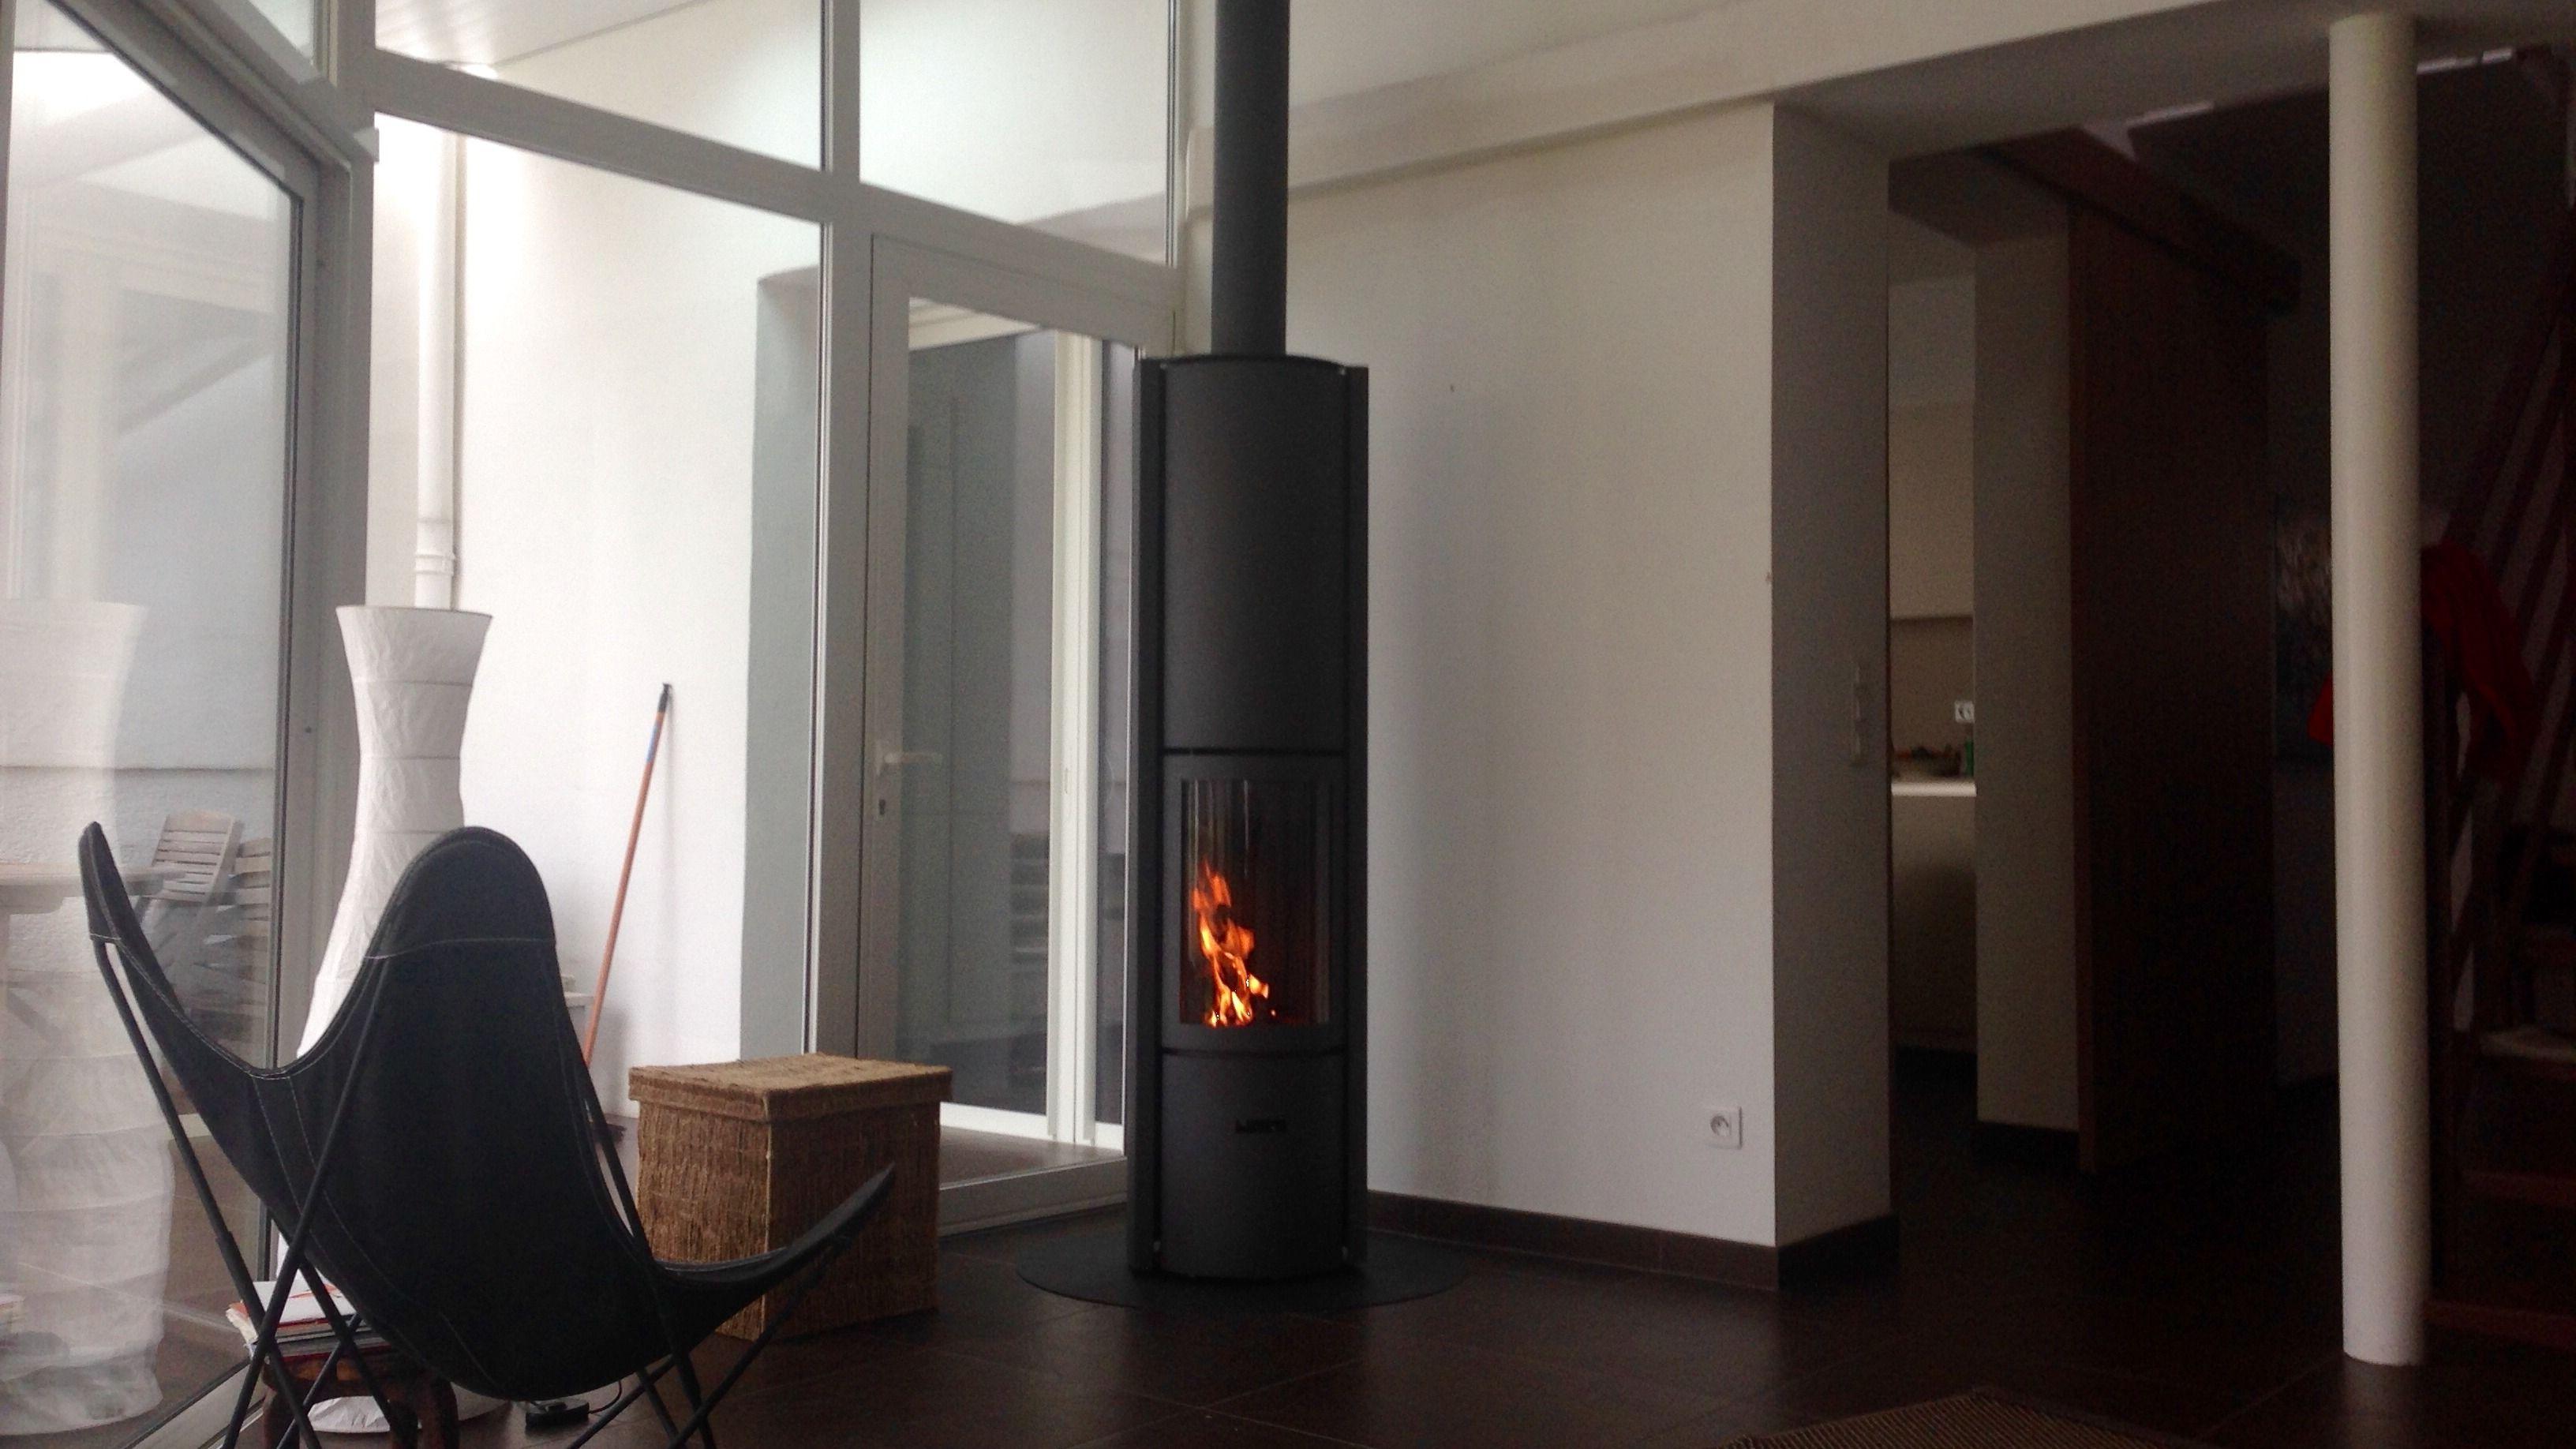 st v 30 compact h by berg st v 30 pinterest compact. Black Bedroom Furniture Sets. Home Design Ideas